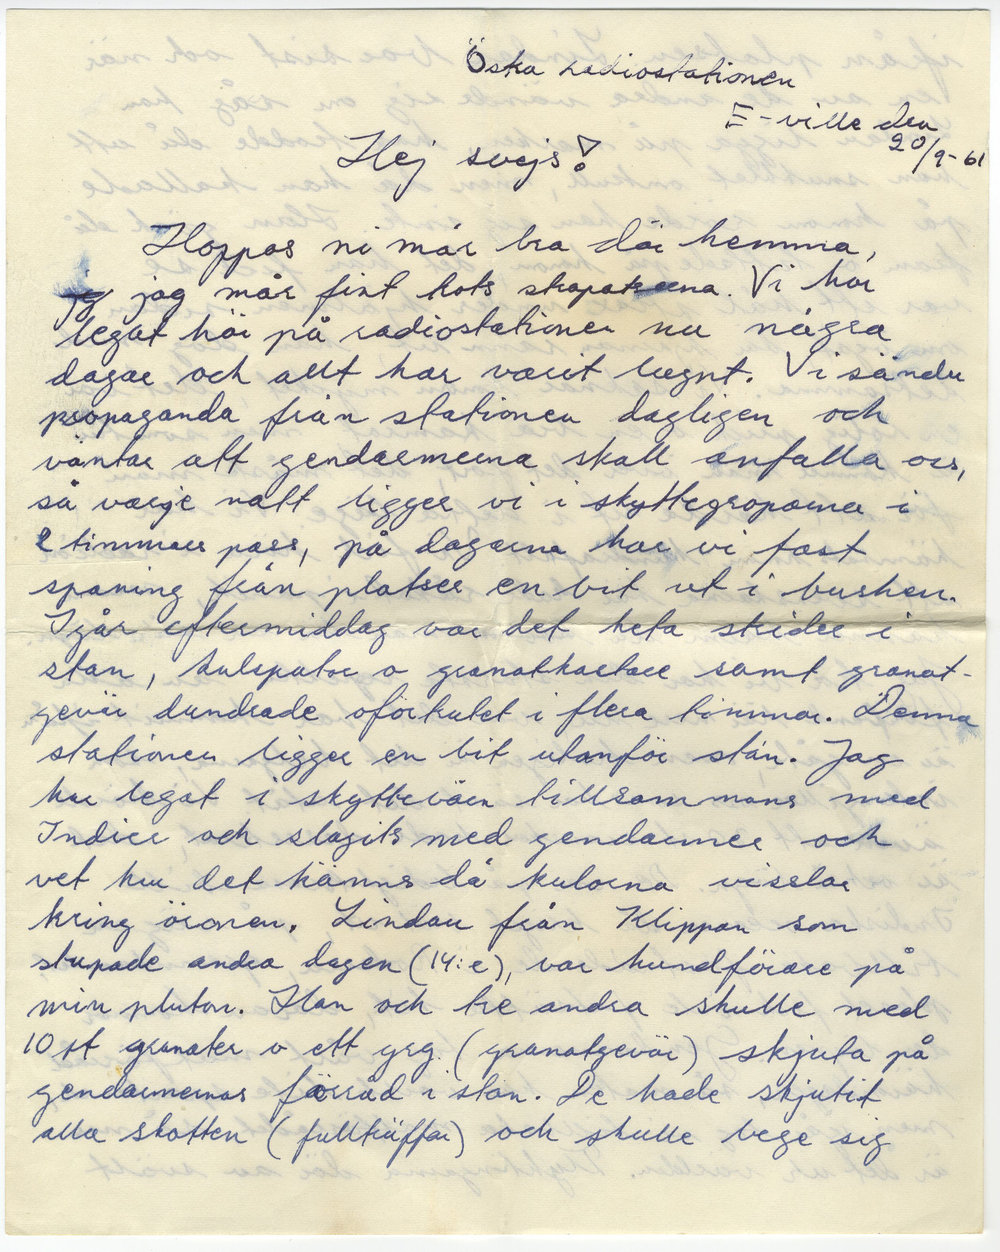 """Sida ur Lars Frosts brev till sin mamma. Élisabetville den 20/9 1961. I brevet omtalas soldaten Bengt Göran Lindau som stupade den 14/9 1961: """" Vi saknar honom mycket, det en rolig prick o en bra kamrat, men som tur är kommer man över det fort, det måste man för att härda ut i detta läge""""."""